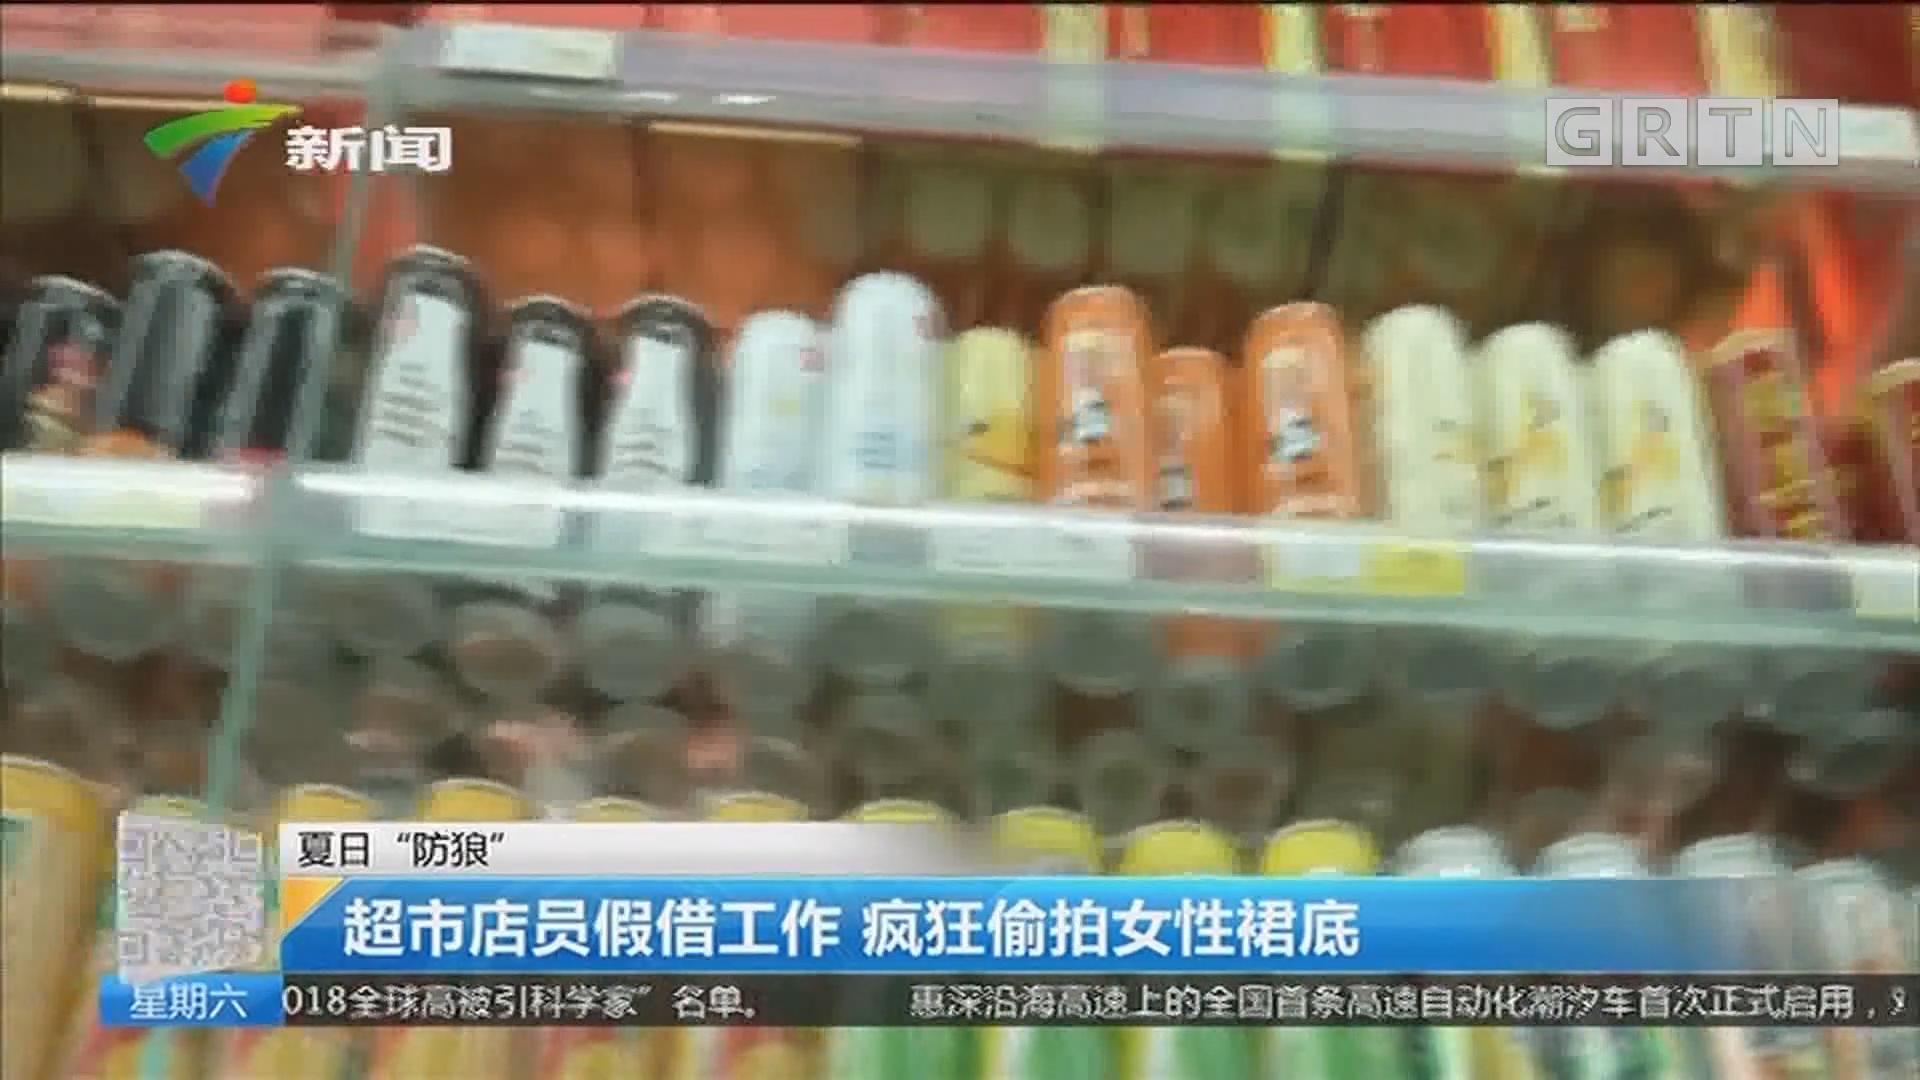 """夏日""""防狼"""":超市店员假借工作 疯狂偷拍女性裙底"""